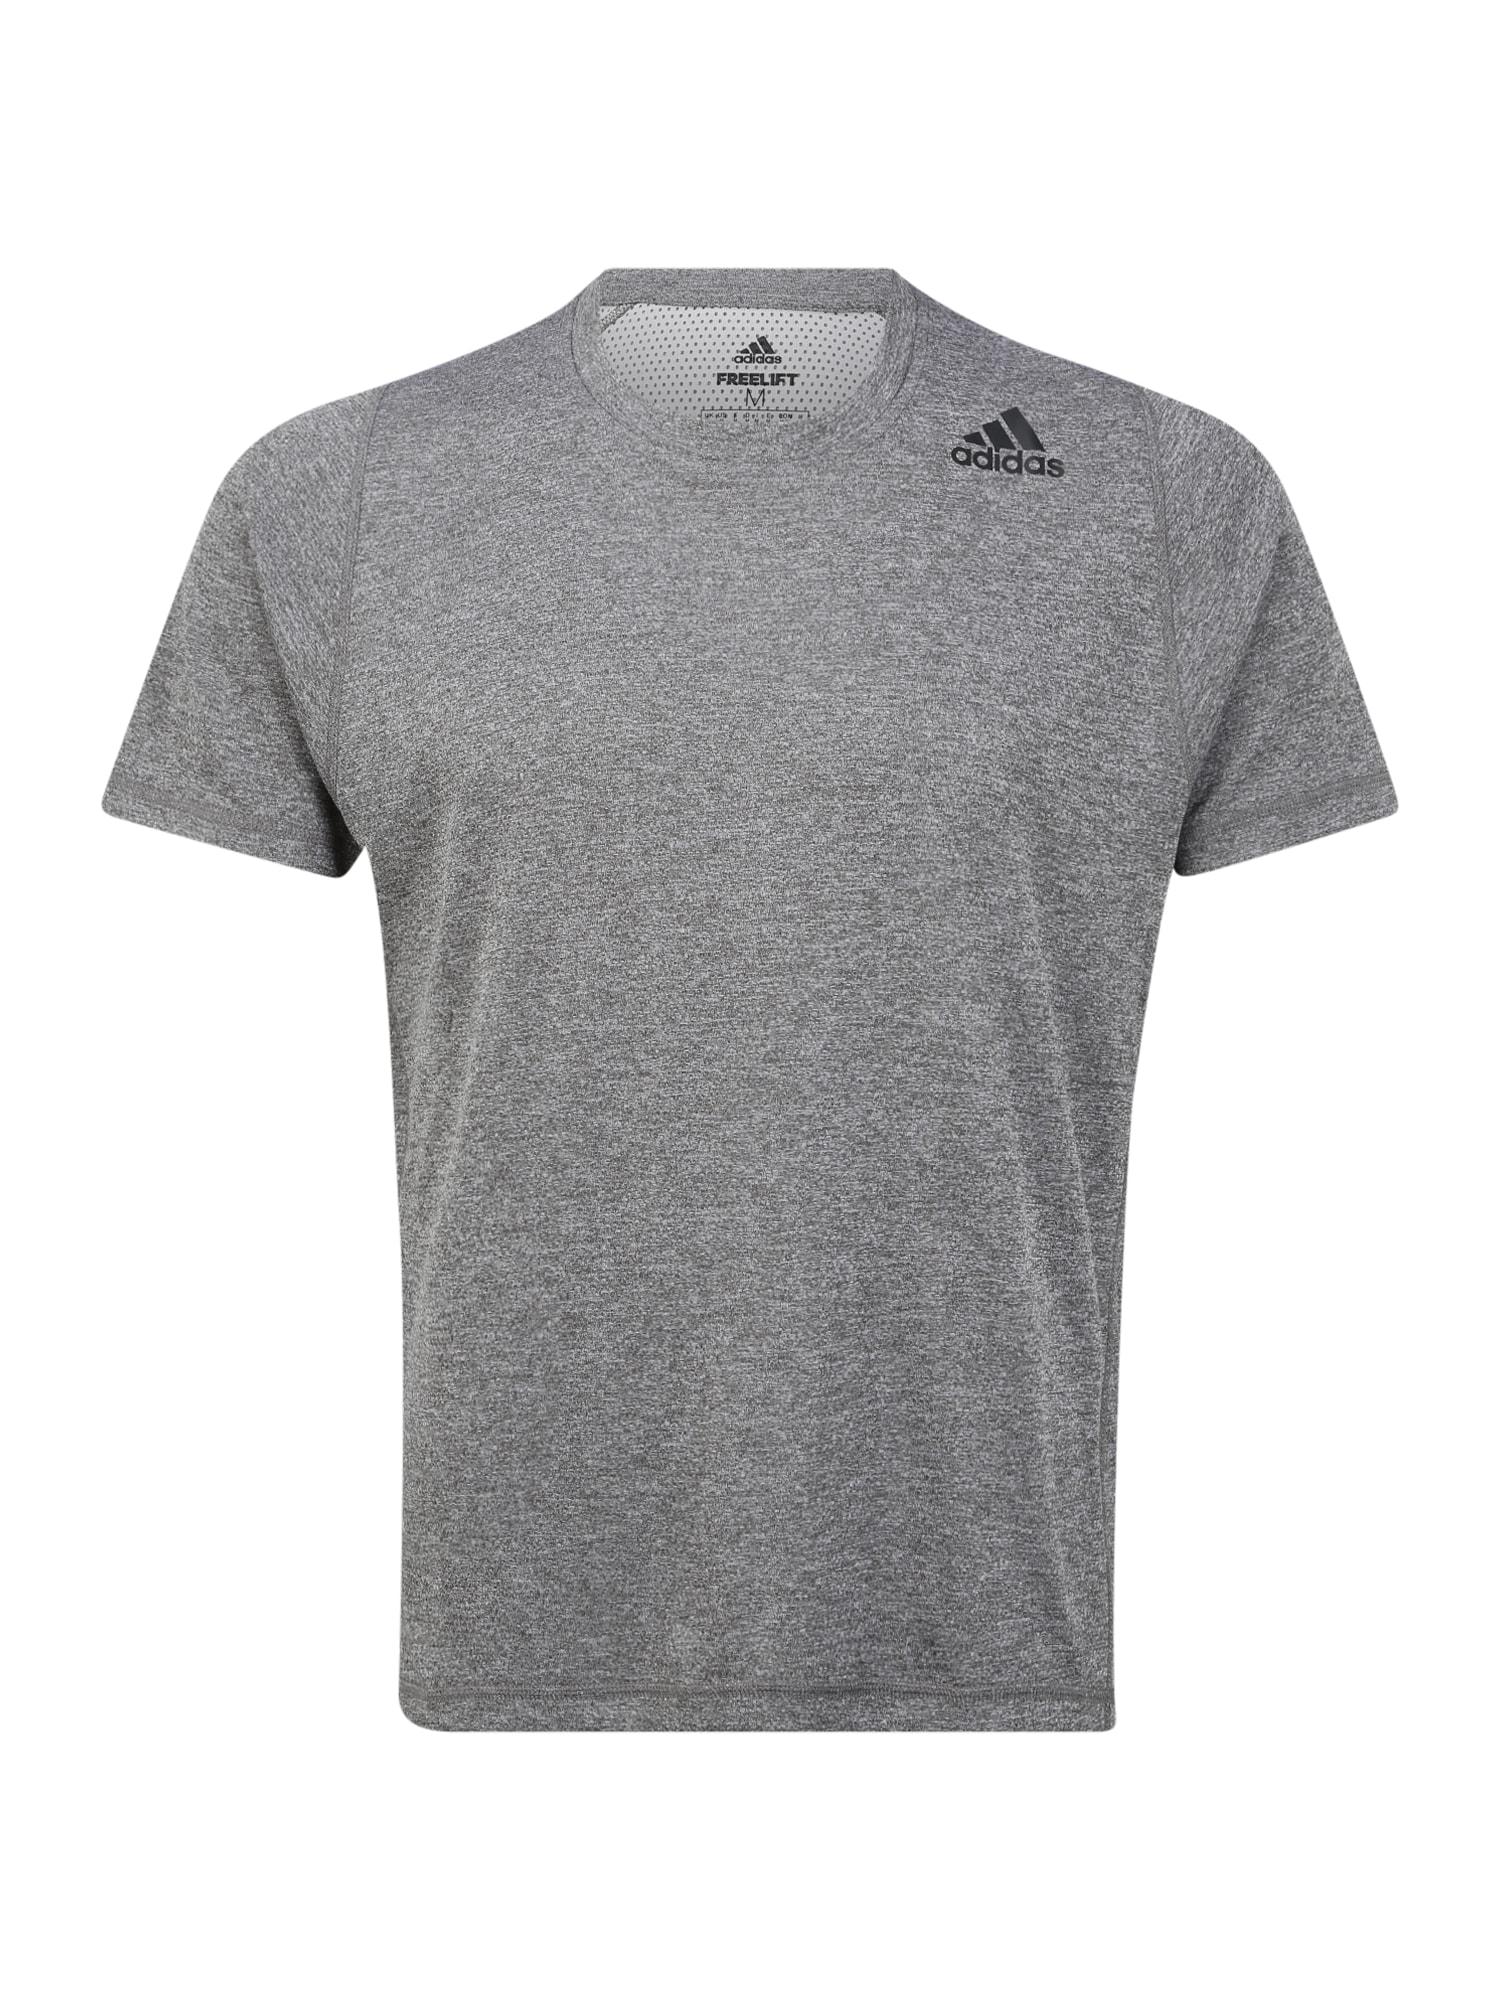 ADIDAS PERFORMANCE Sportiniai marškinėliai 'FL TRG' pilka